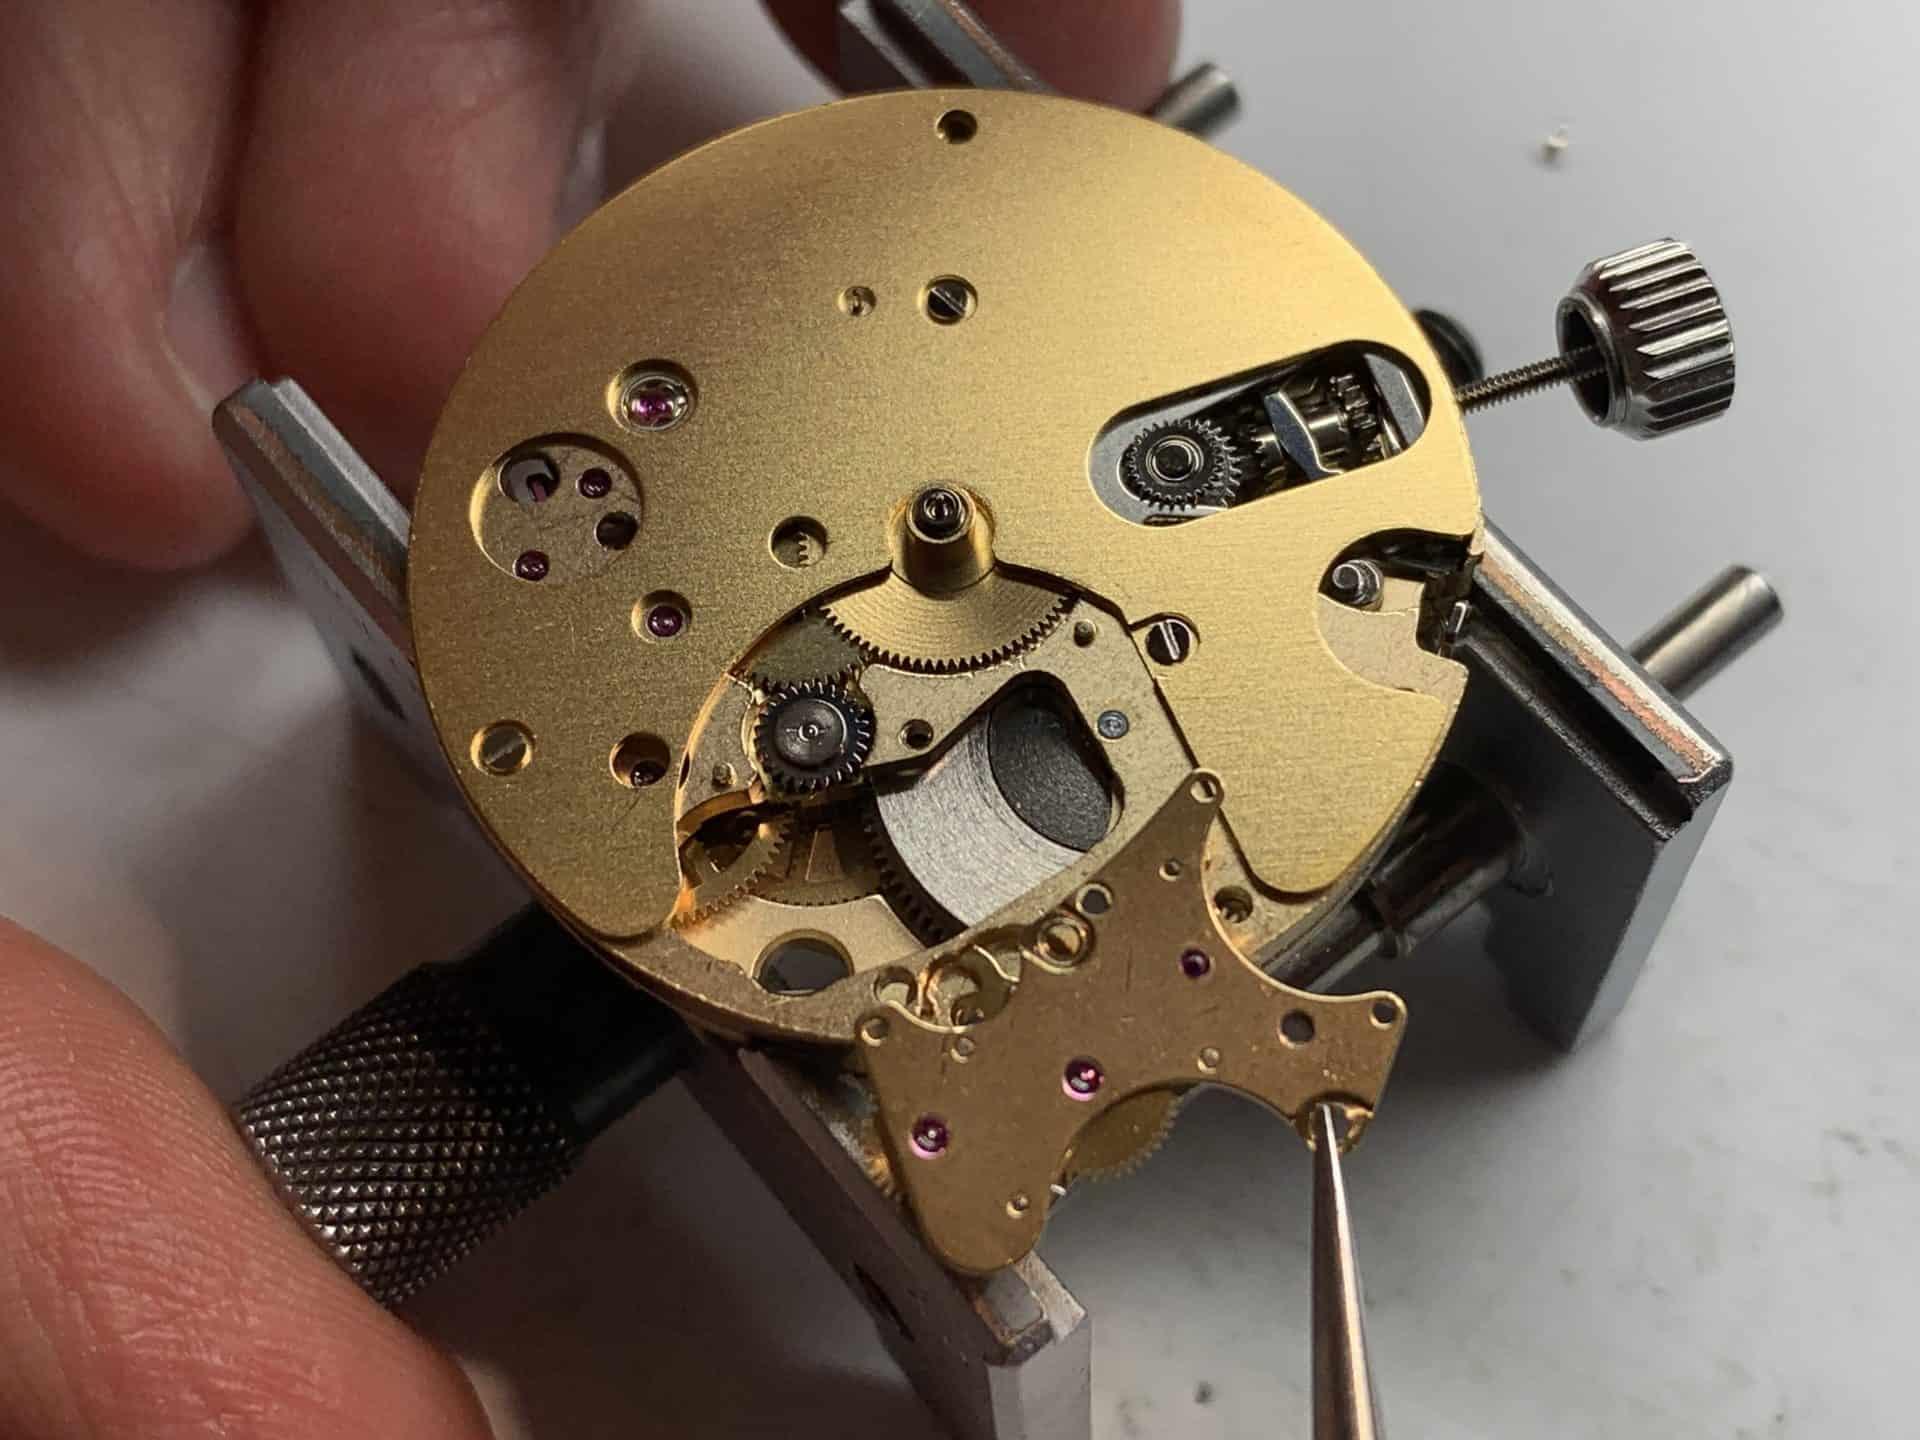 Vorderseite des Valjoux/Eta 7750 basierten Chronographenkalibers 79240 mit gelöstem Umlenkmodul für die Permanentsekunde